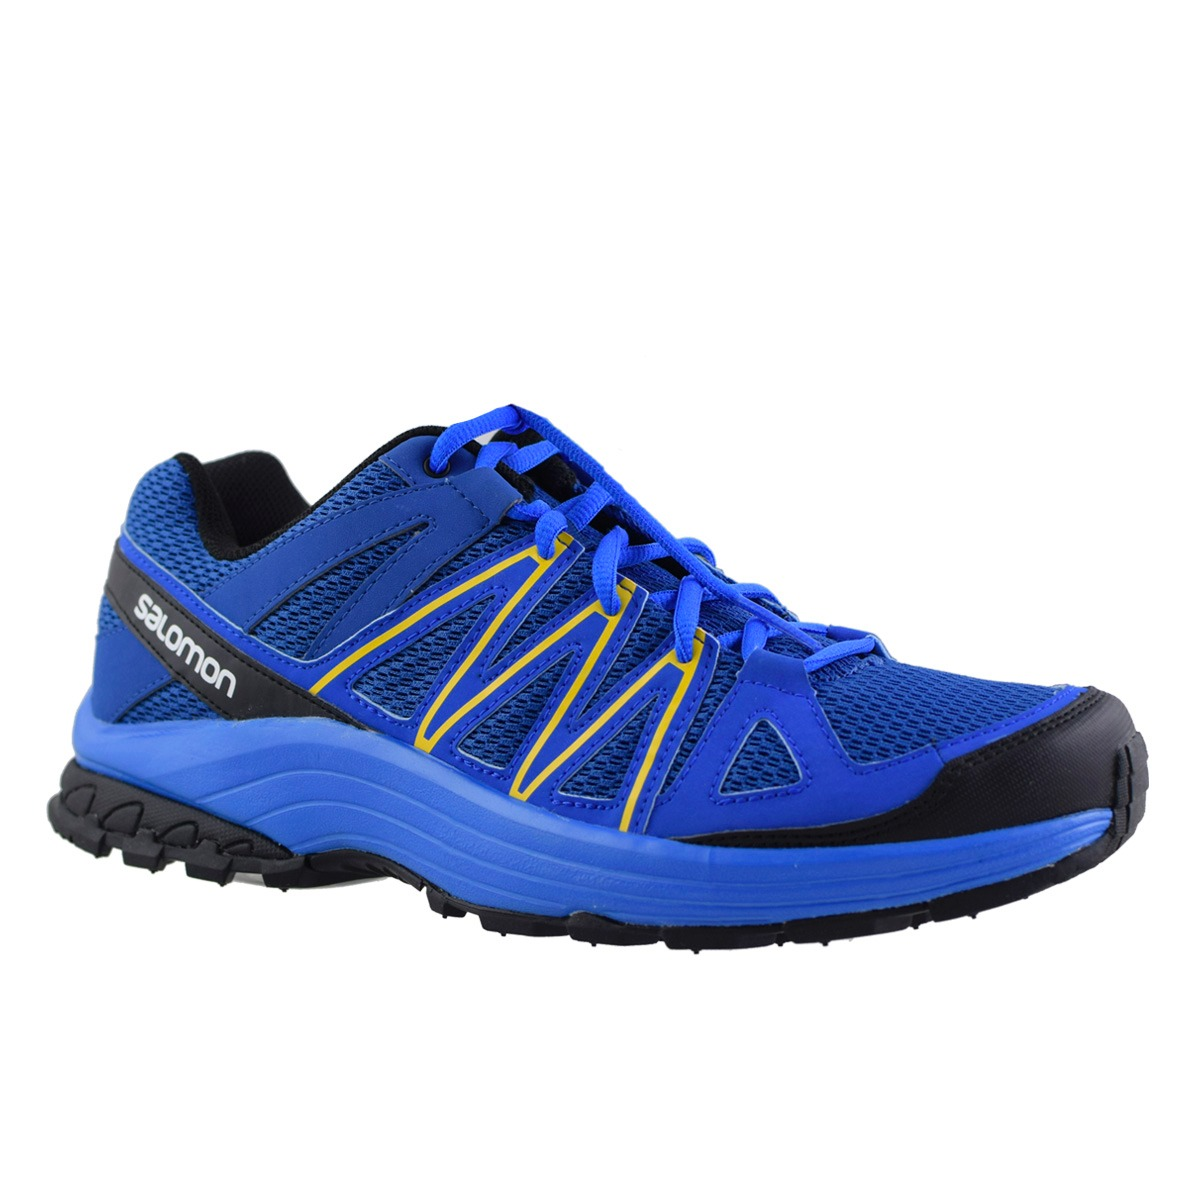 Zapatillas Salomon Xa Bondcliff Hombre Azul